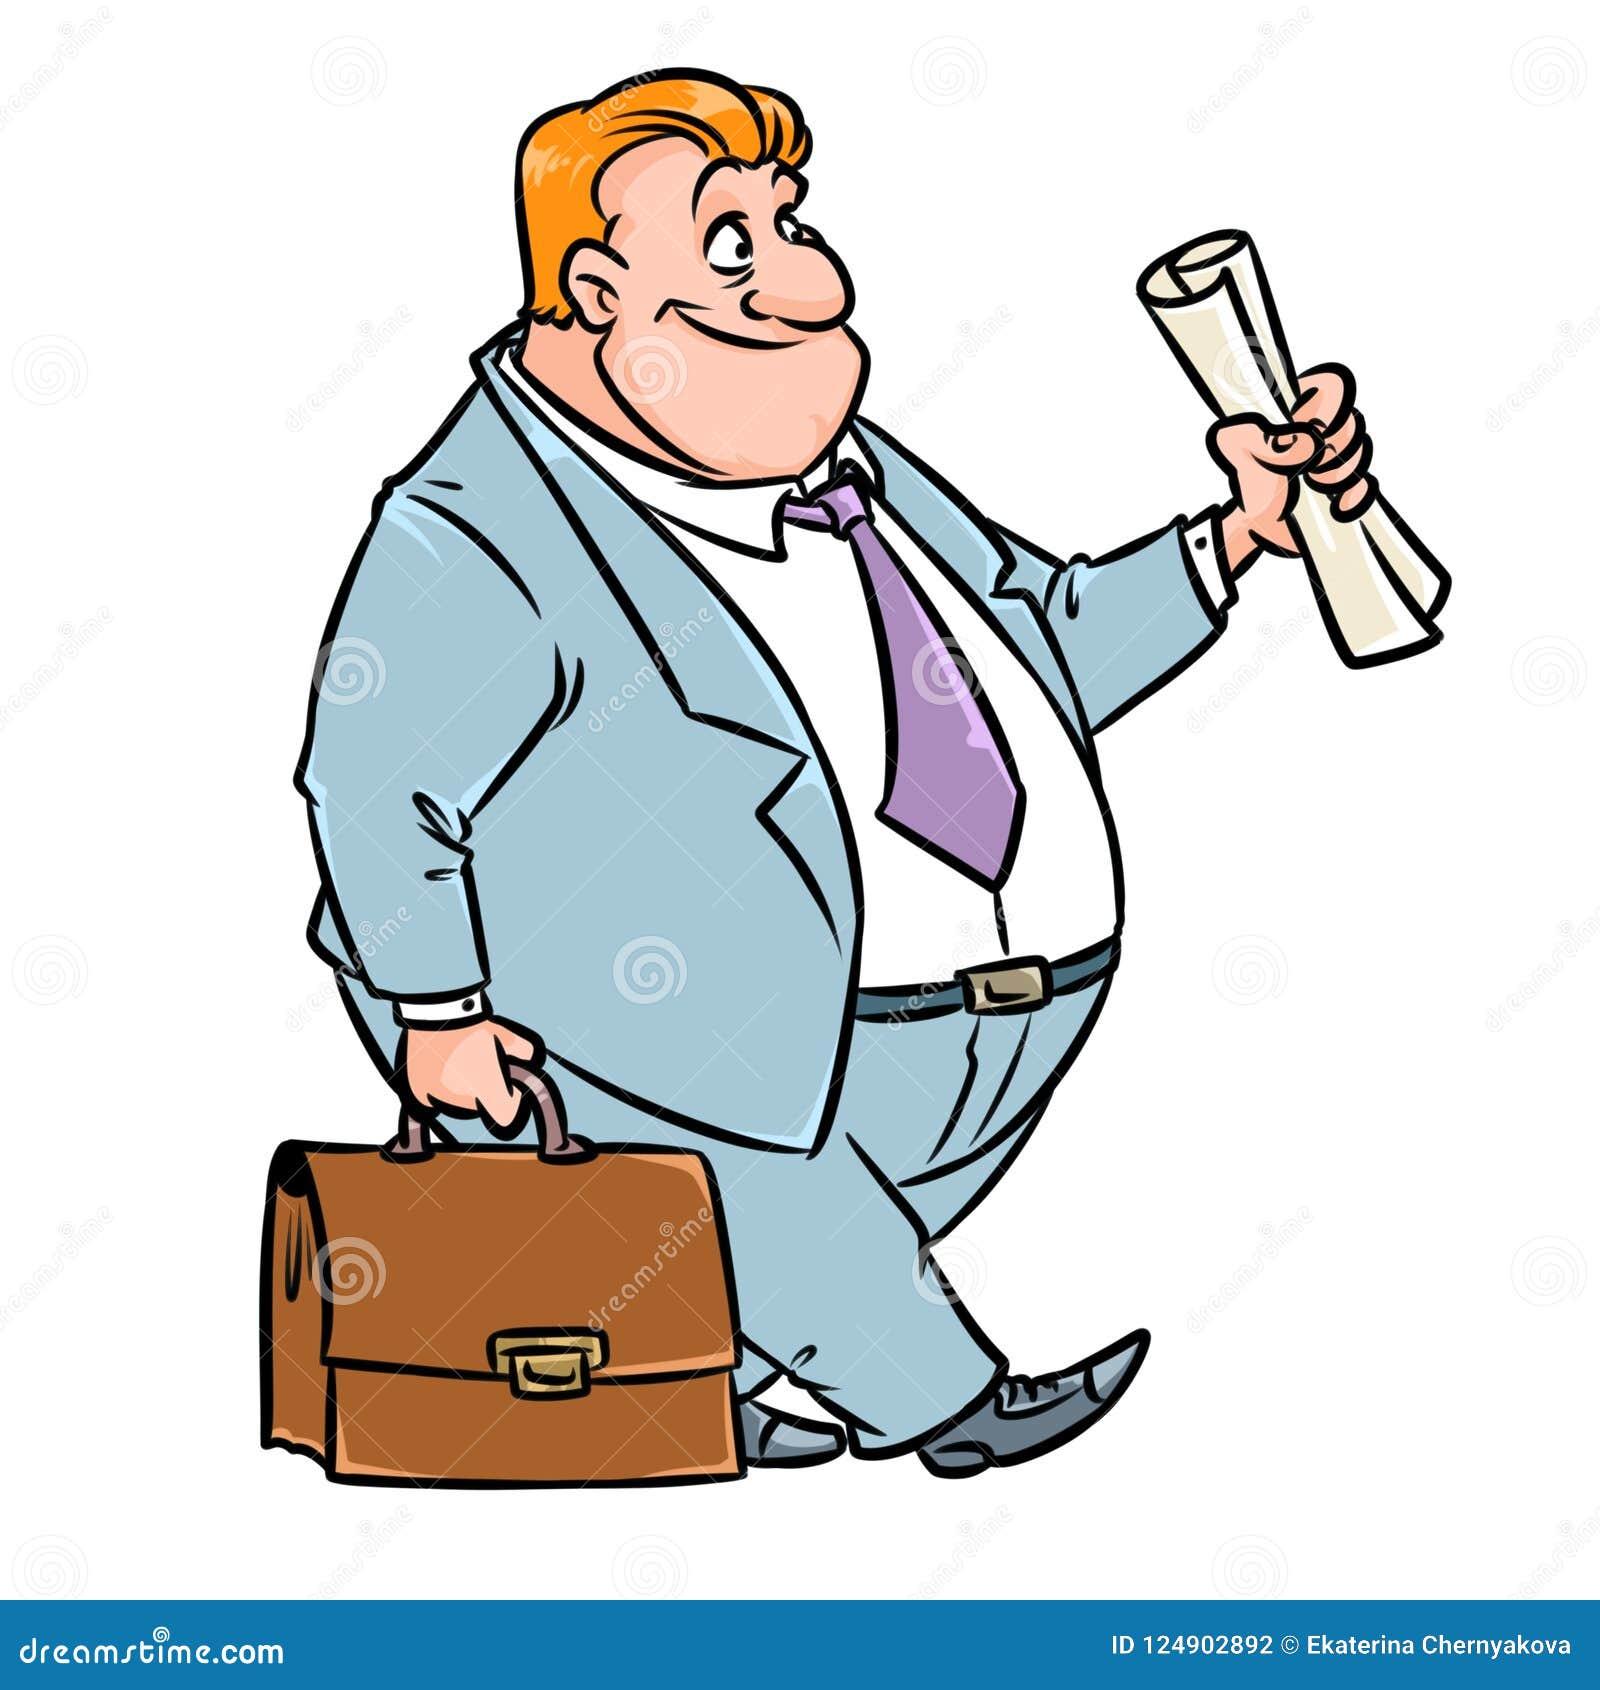 Κινούμενα σχέδια κοστουμιών χαρτοφυλακίων επιχειρησιακών κοστουμιών επιχειρηματιών